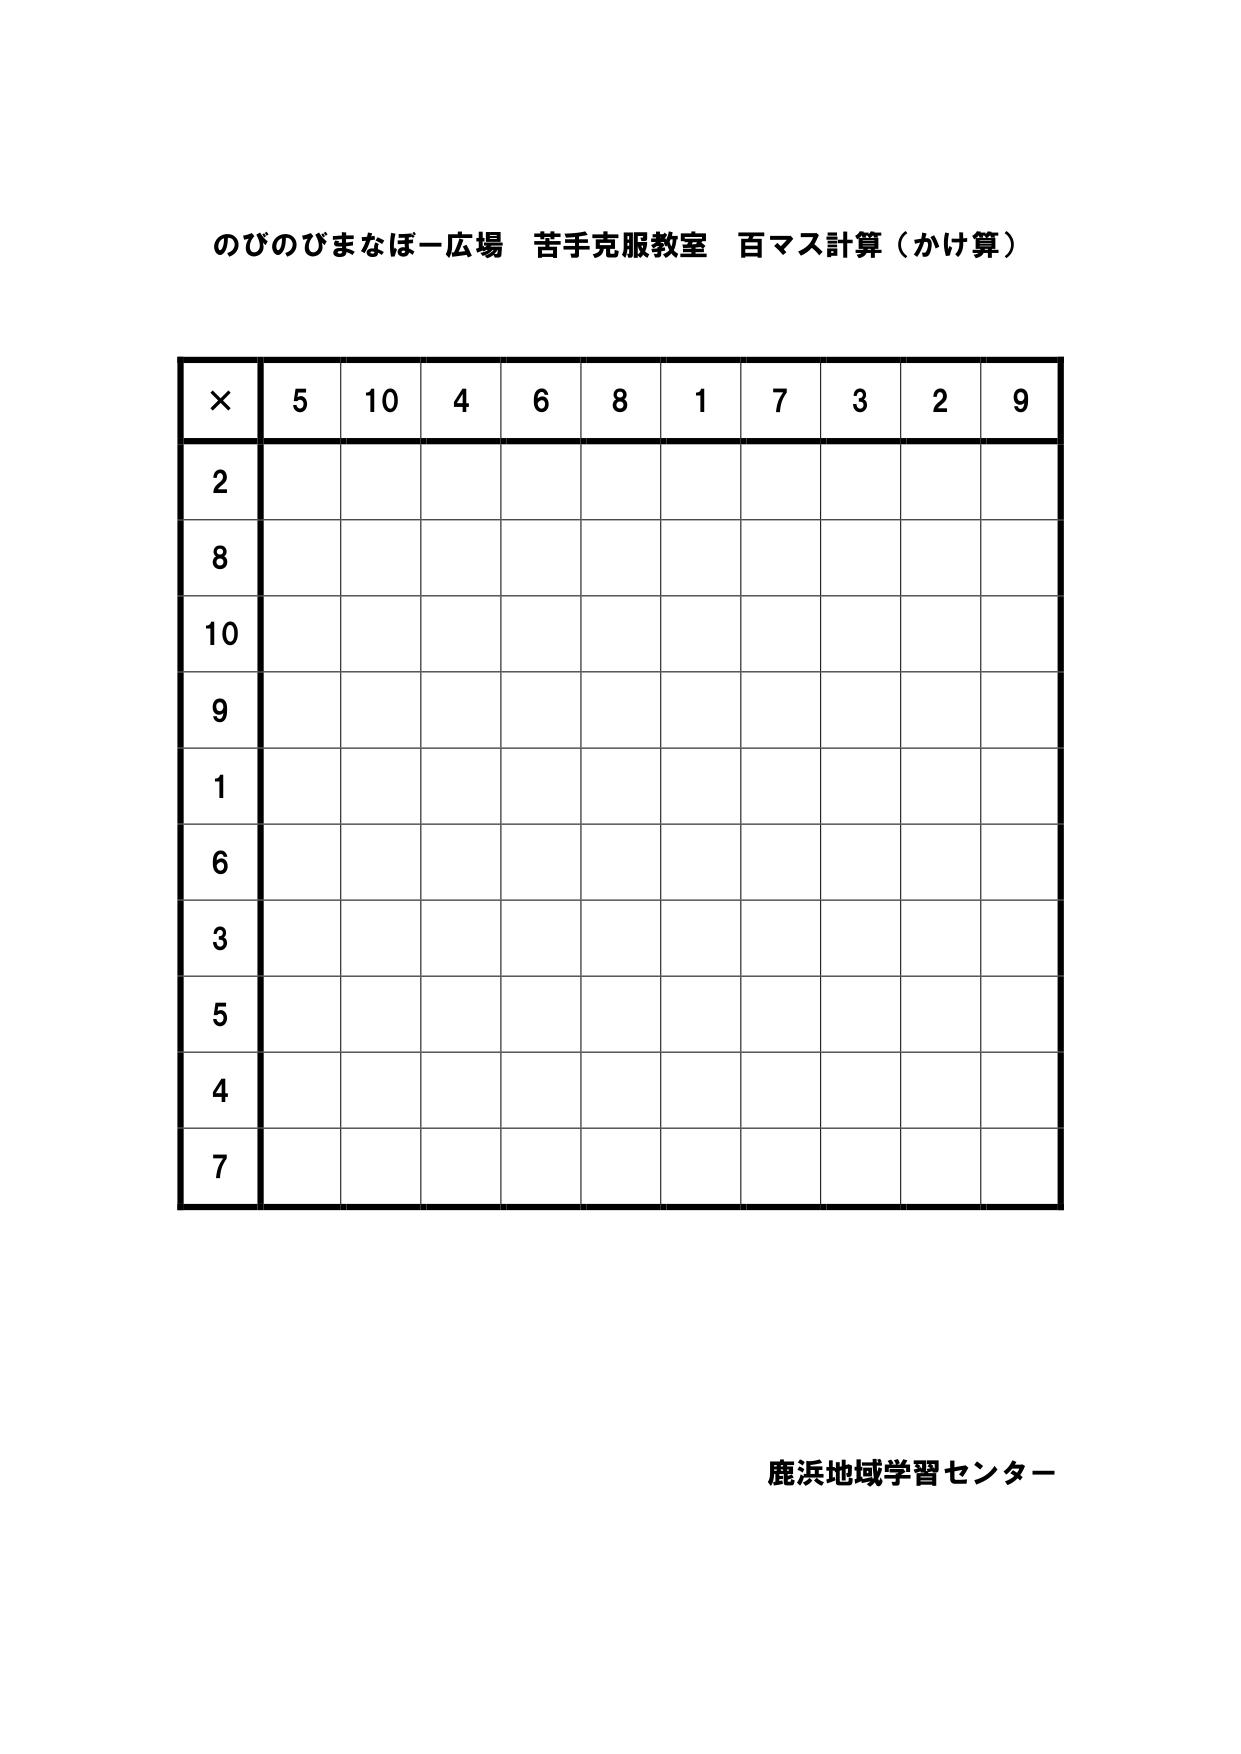 hyakumasu3.jpg